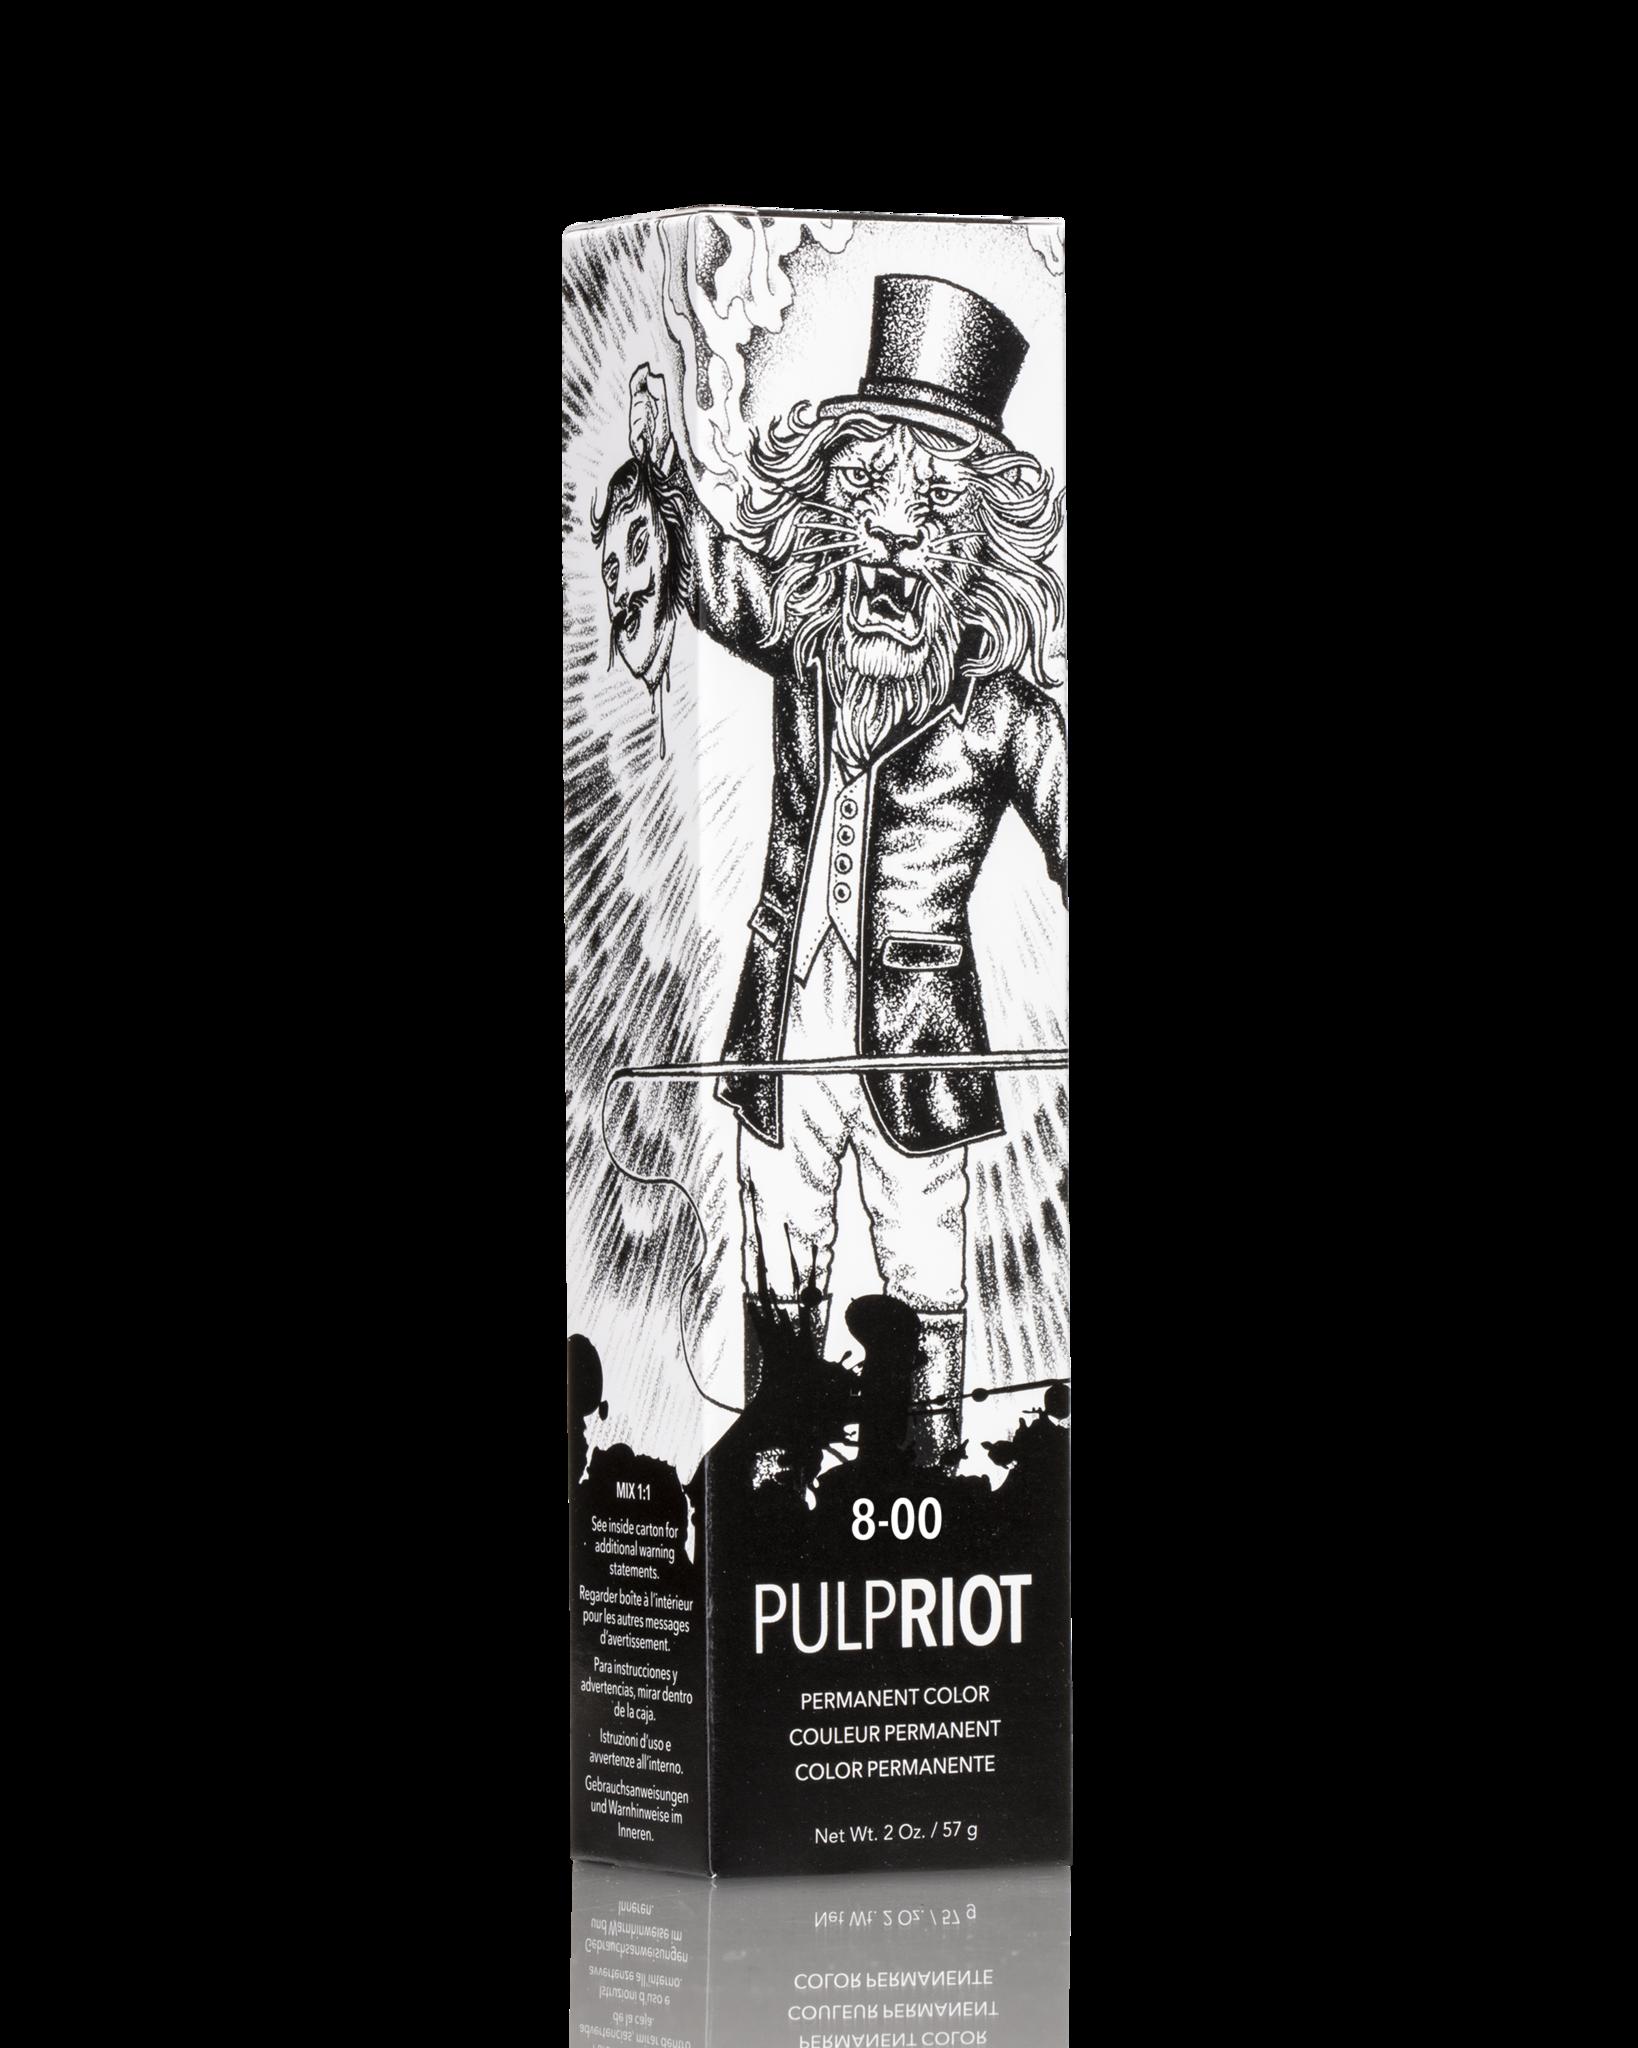 Pulp Riot PULP RIOT FACTION 8 DOUBLE NATUREL 8-00